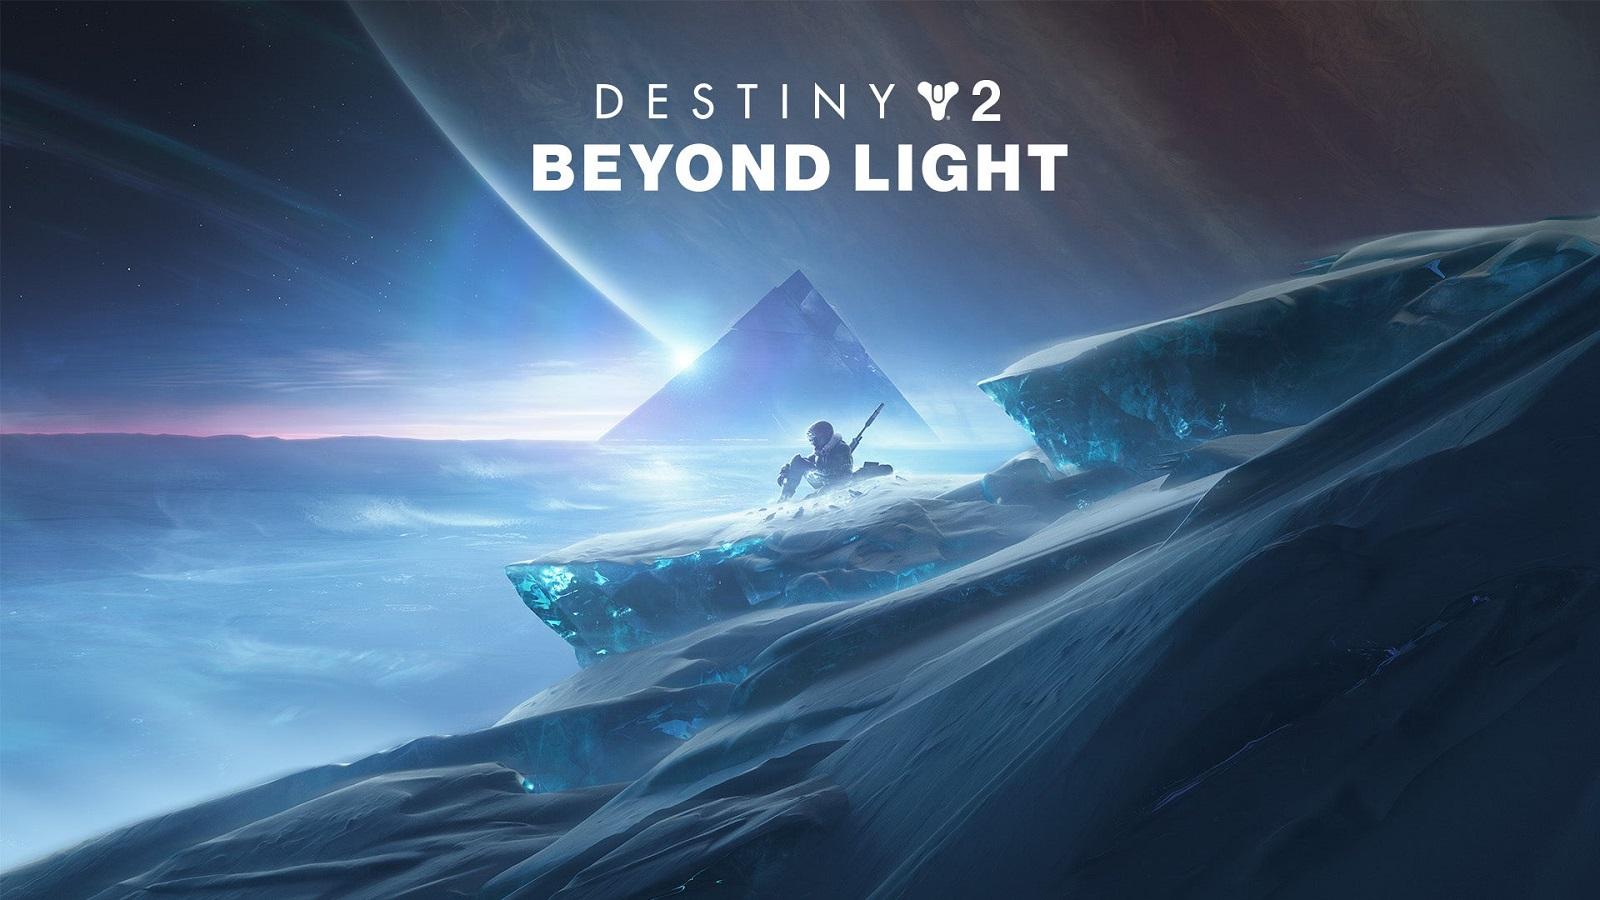 Destiny 2 Beyond Light Exo Stranger Wallpaper